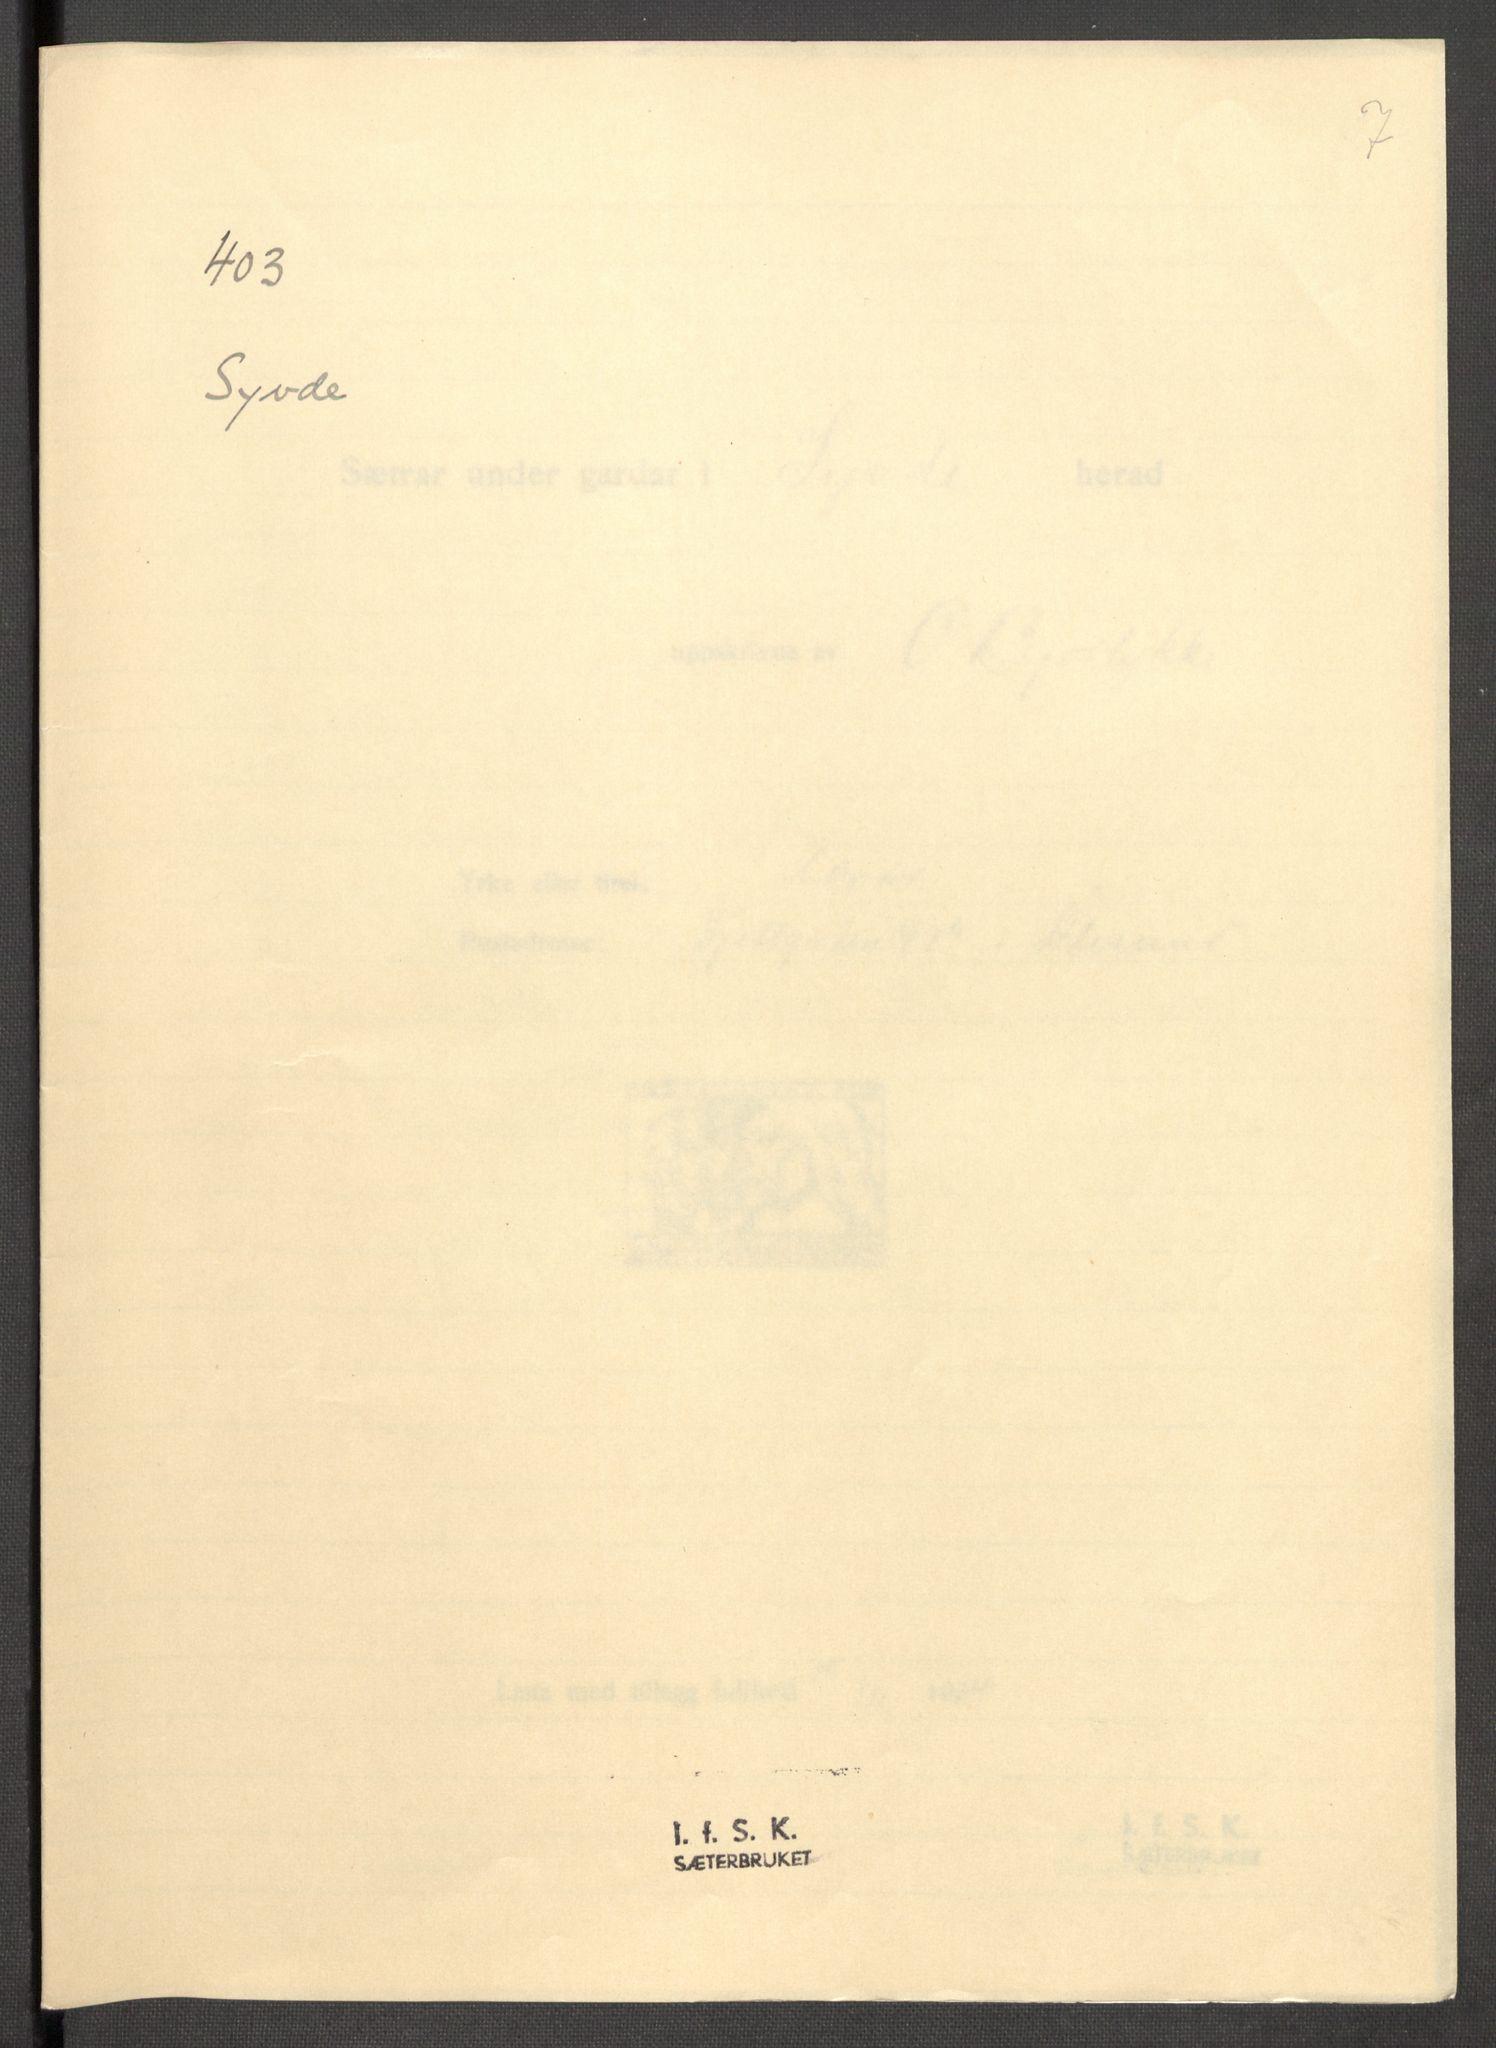 RA, Instituttet for sammenlignende kulturforskning, F/Fc/L0012: Eske B12:, 1934-1936, s. 7